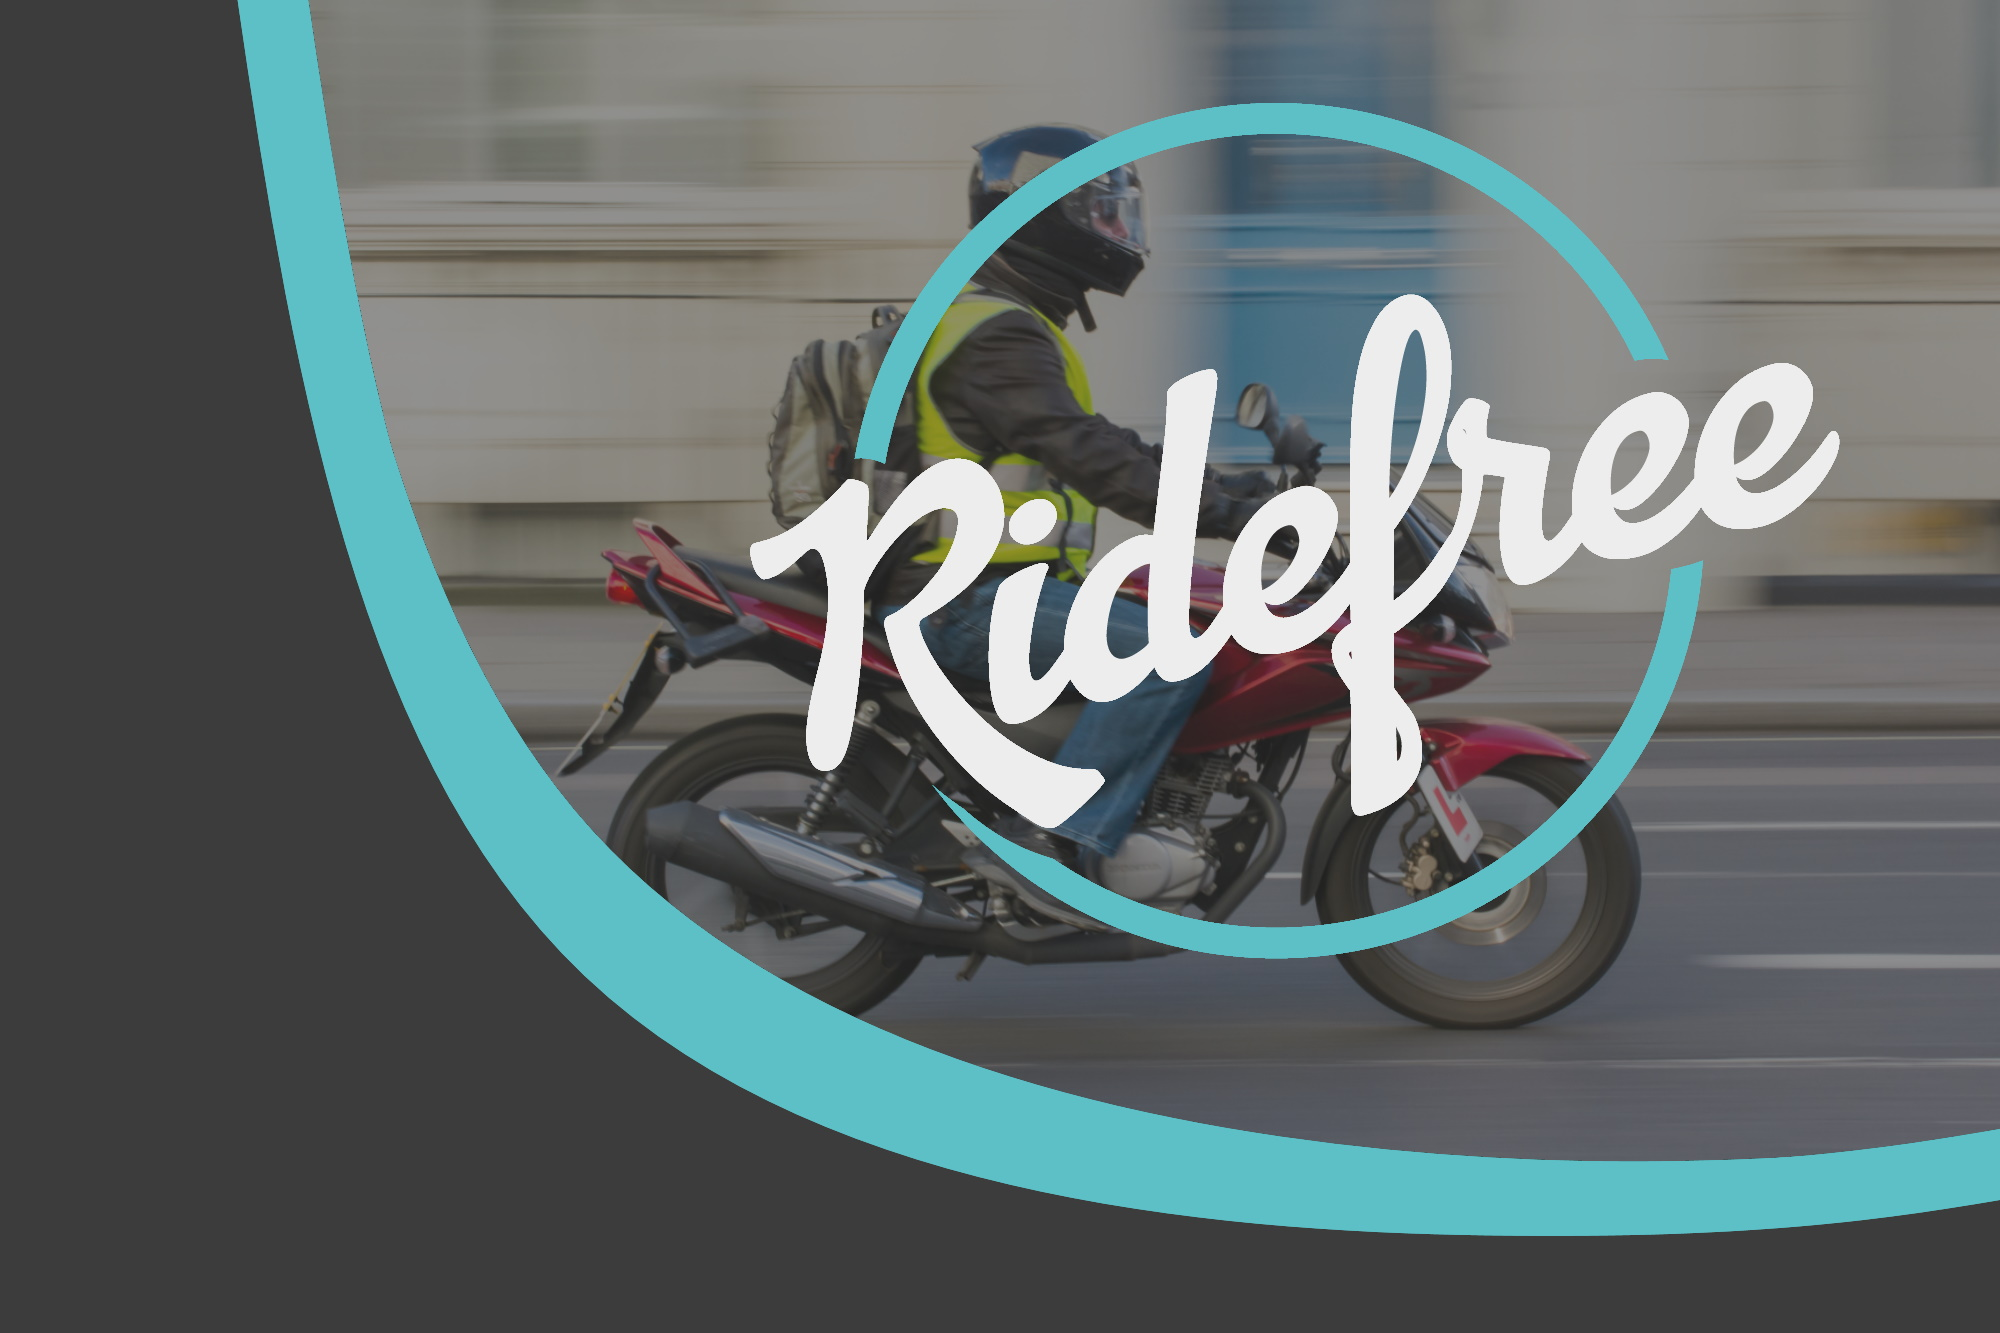 RideFree